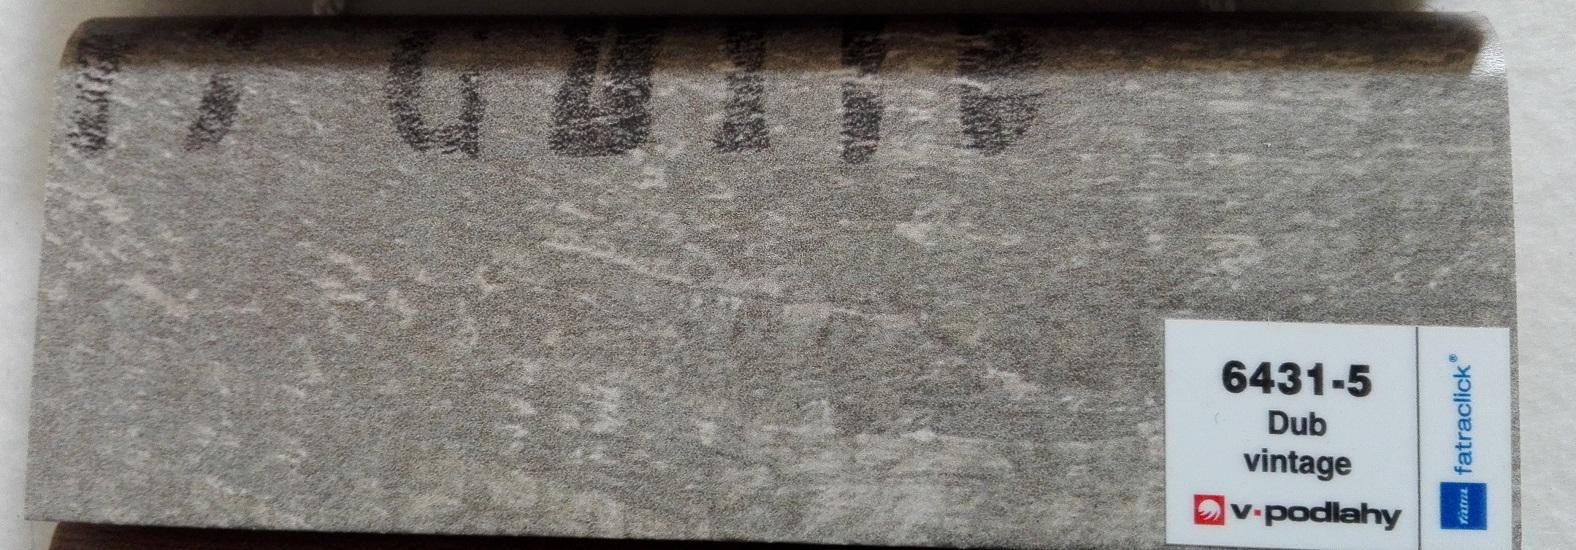 FatraClick soklová lišta Dub vintage 6431-5